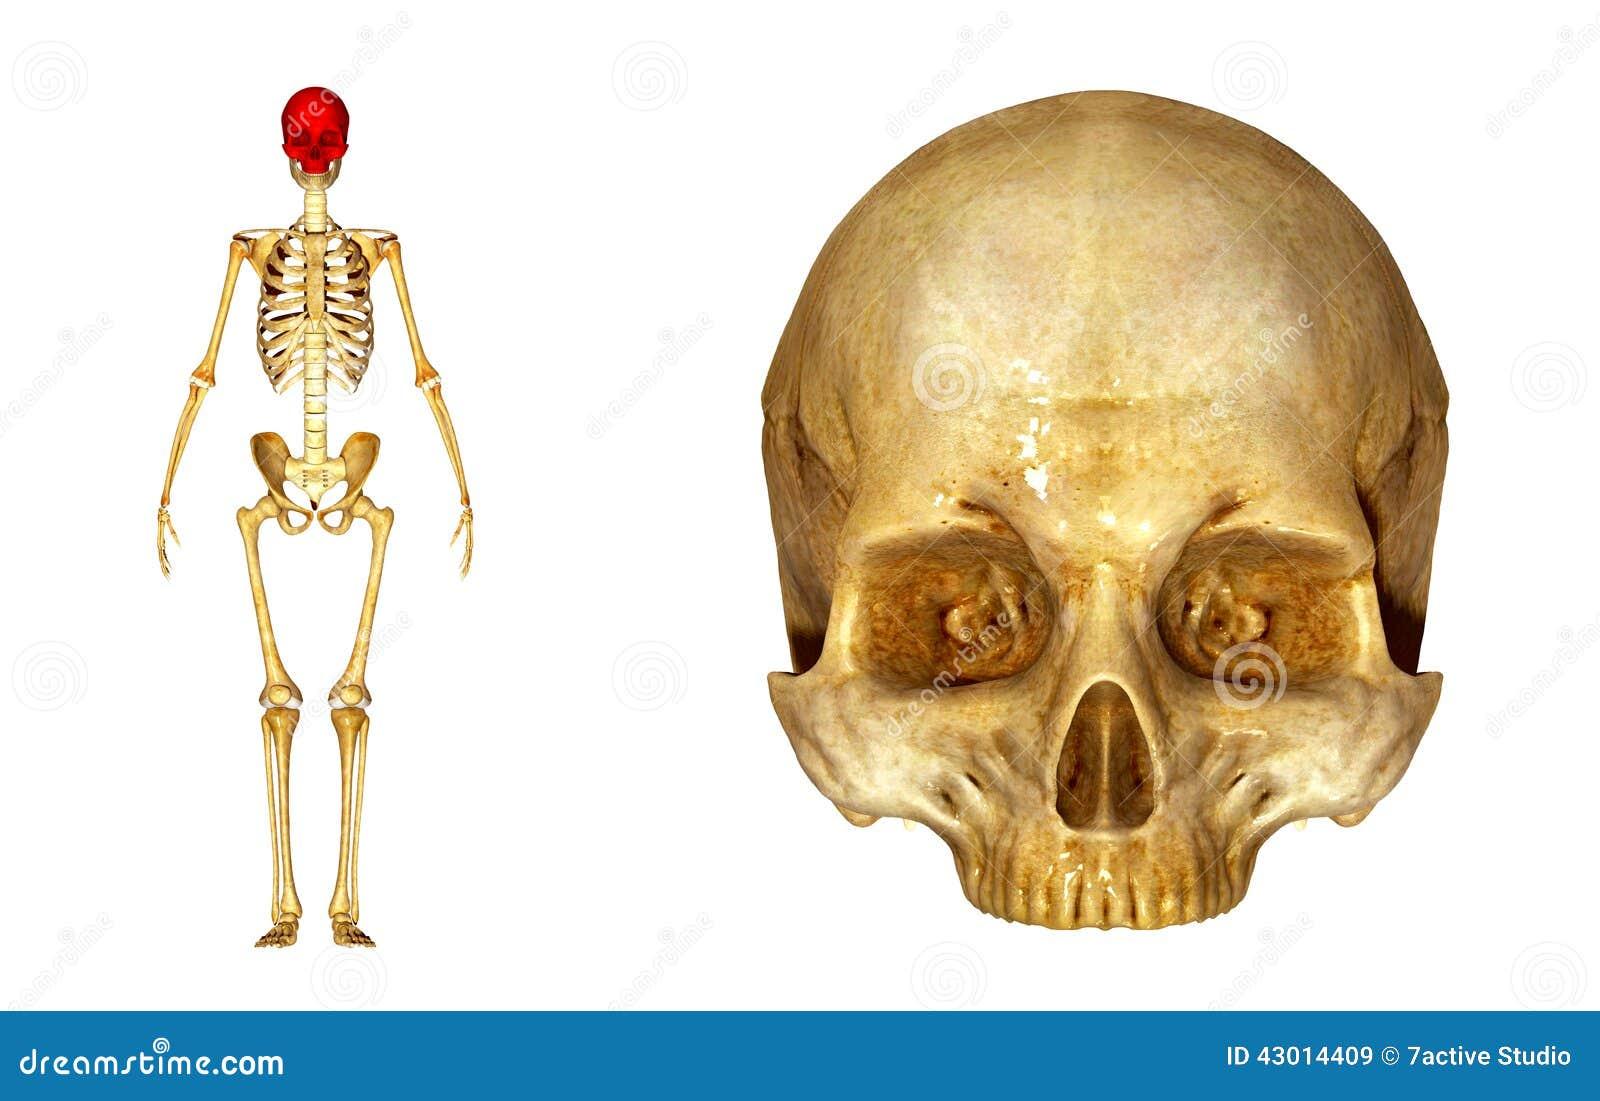 Oberer Schädel stockbild. Bild von frontseite, gesundheit - 43014409